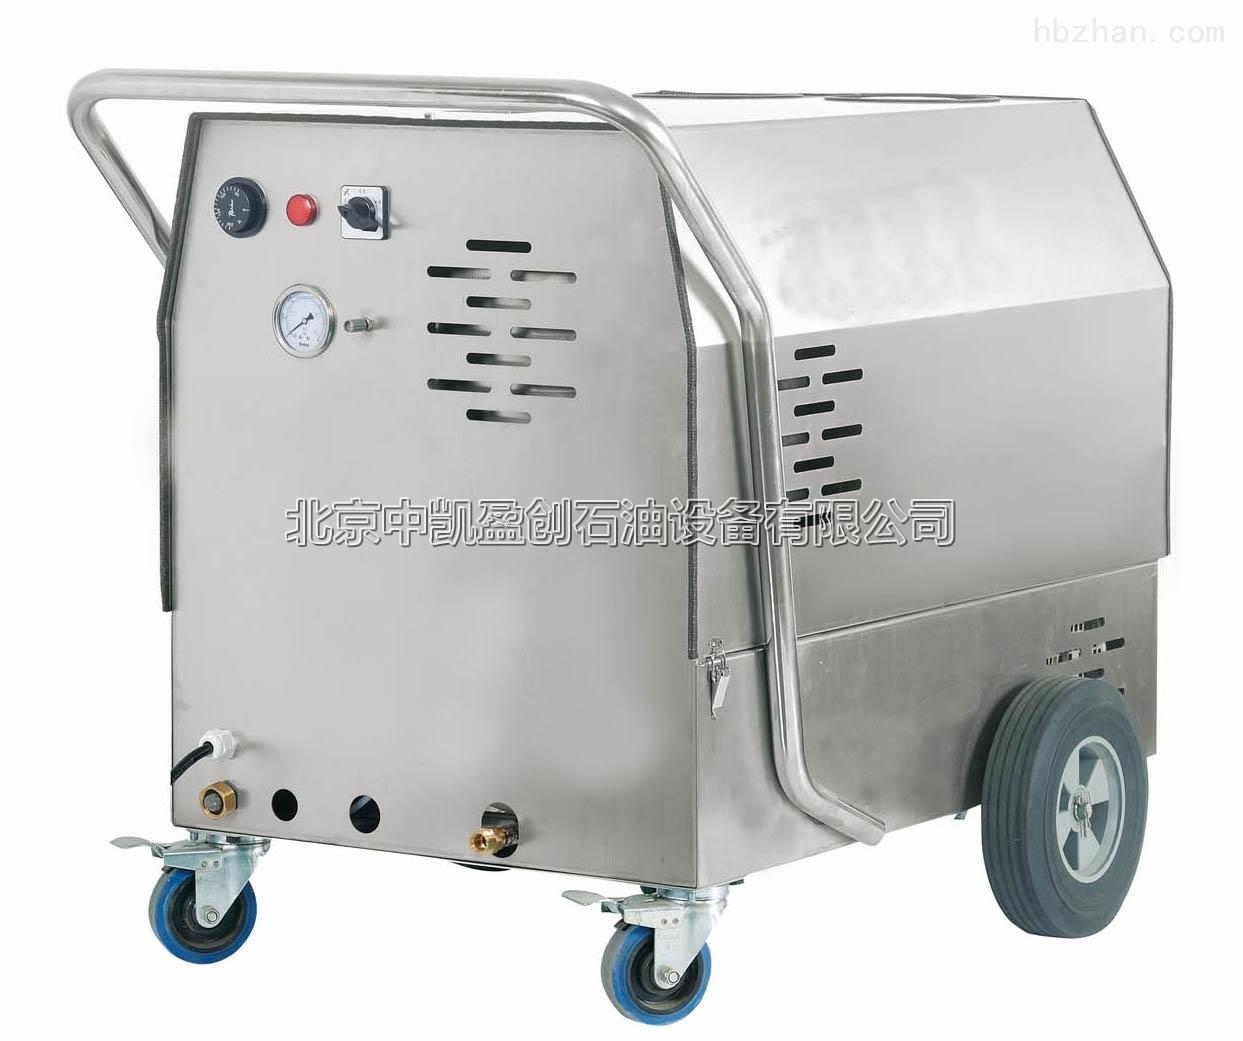 沈阳清洗油污设备柴油加热饱和蒸汽清洗机